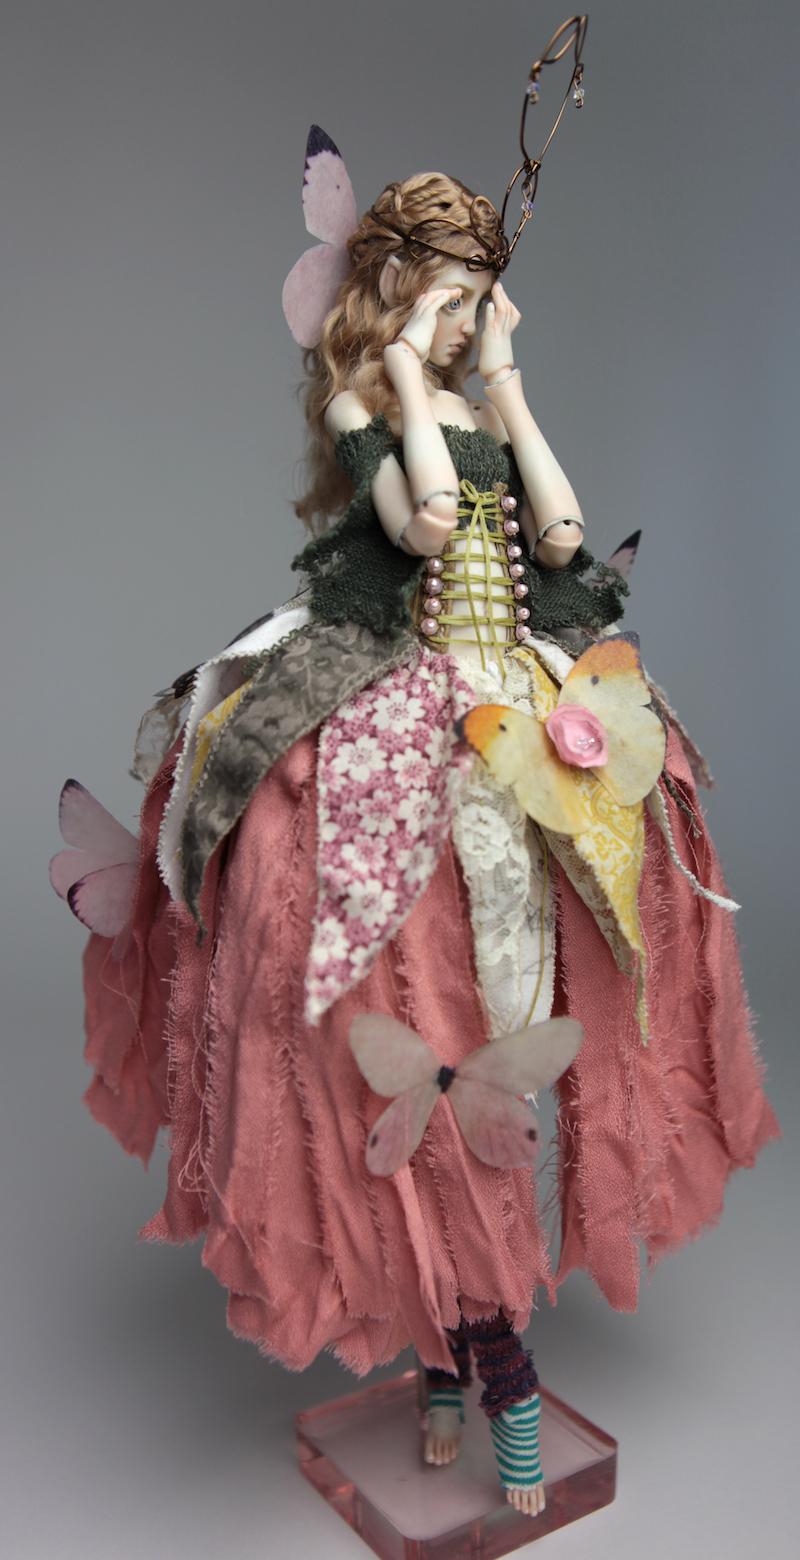 BJD Doll Ball Jointed Fairy Ova Sphinx 2018 10 15 Porcelain BJD Fairy Doll, Sphinx